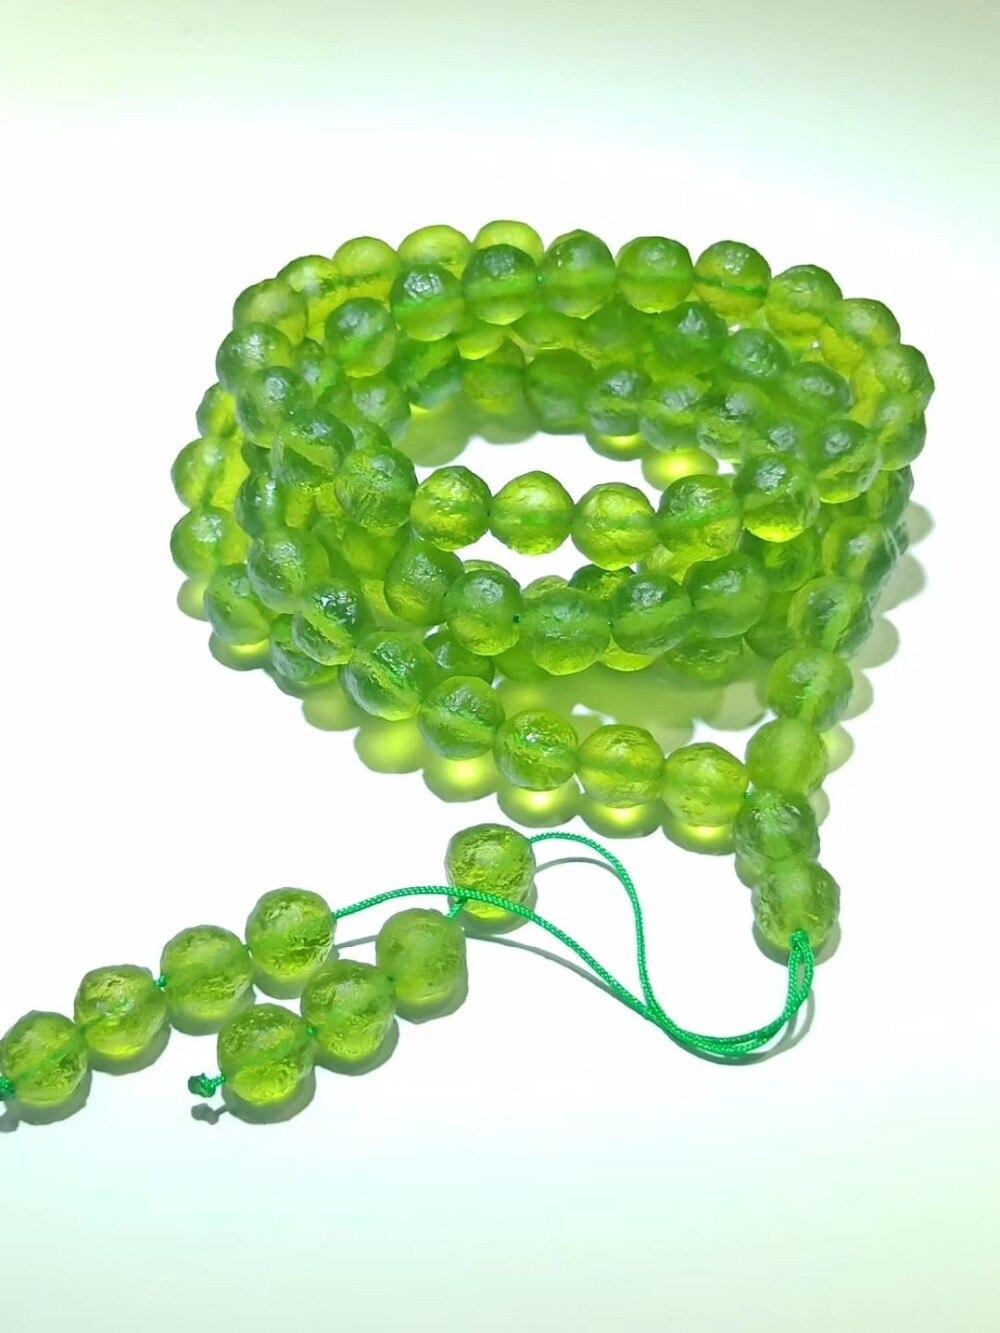 8mm Green GEM MOLDAVITE Meteorite Impact Glass 108 Beads Bracelet